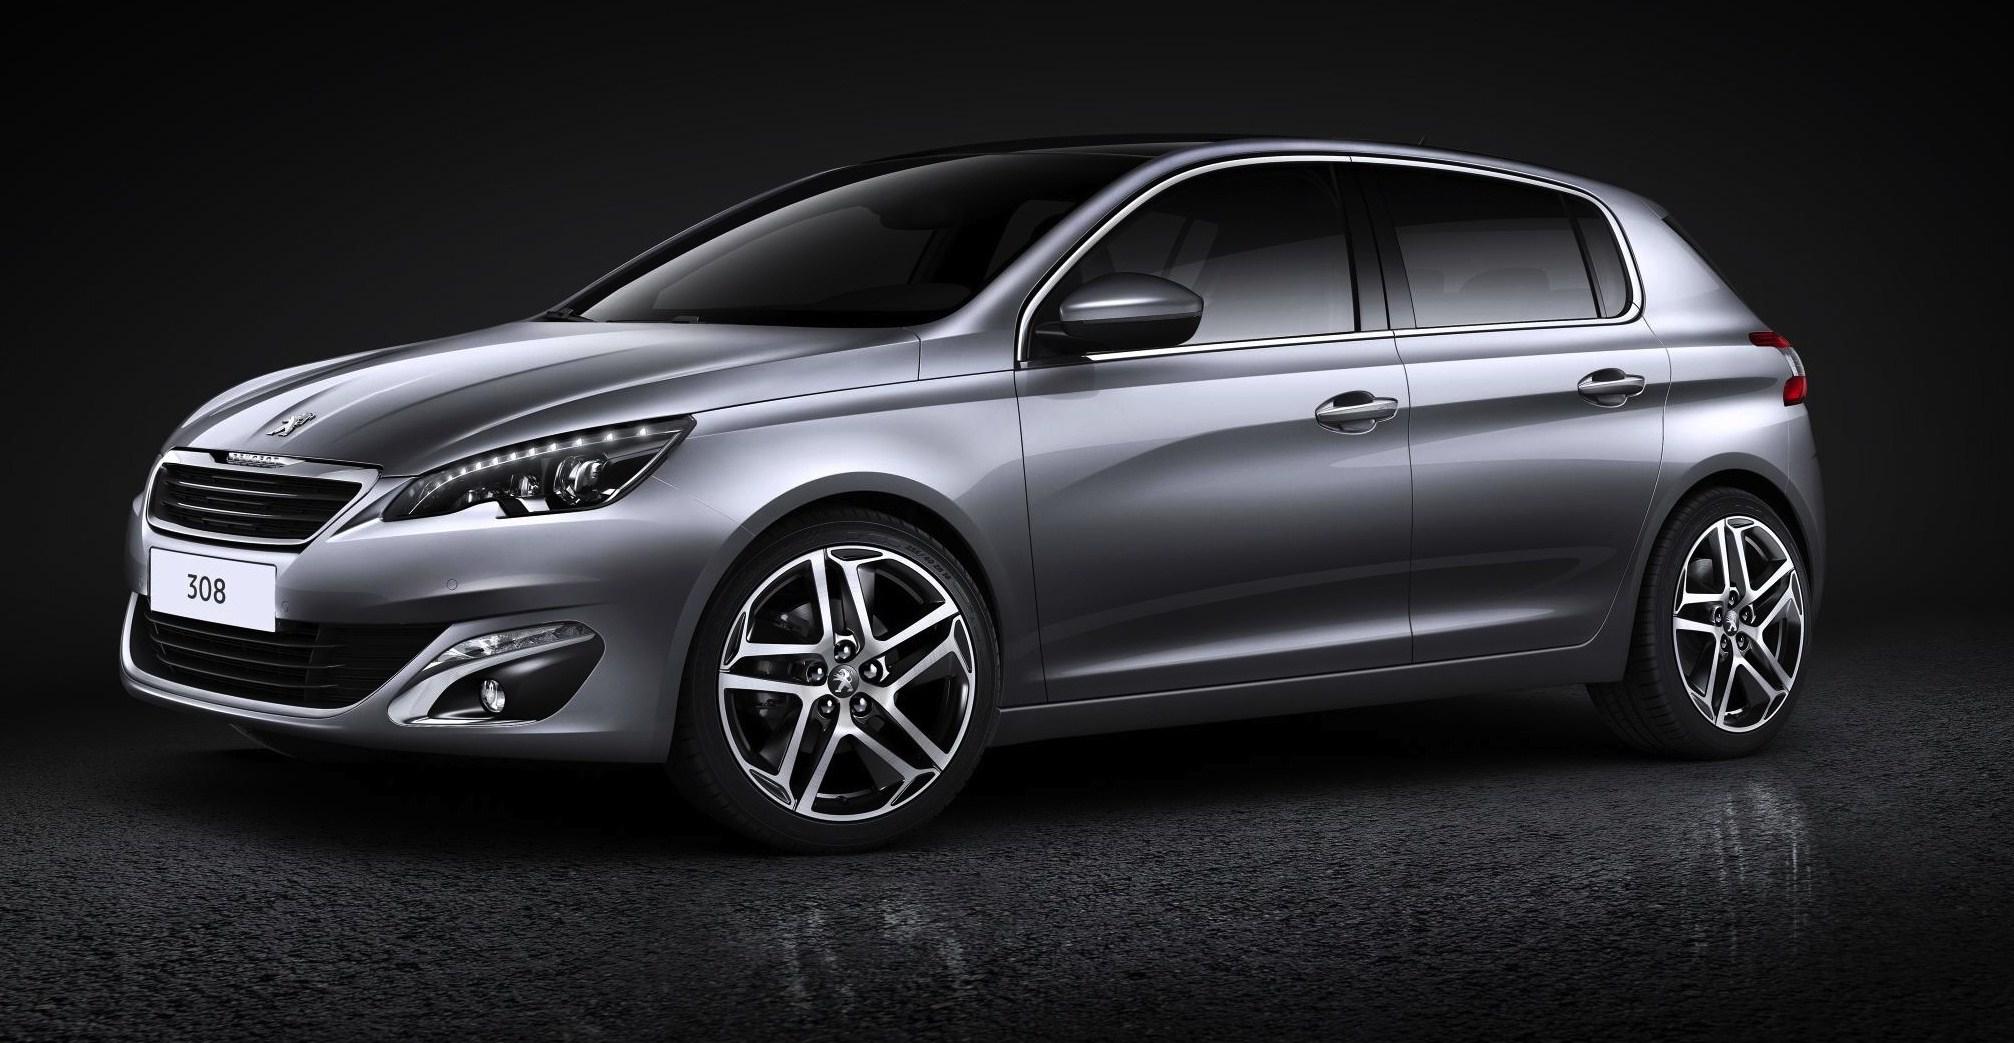 Peugeot-308-2014-6